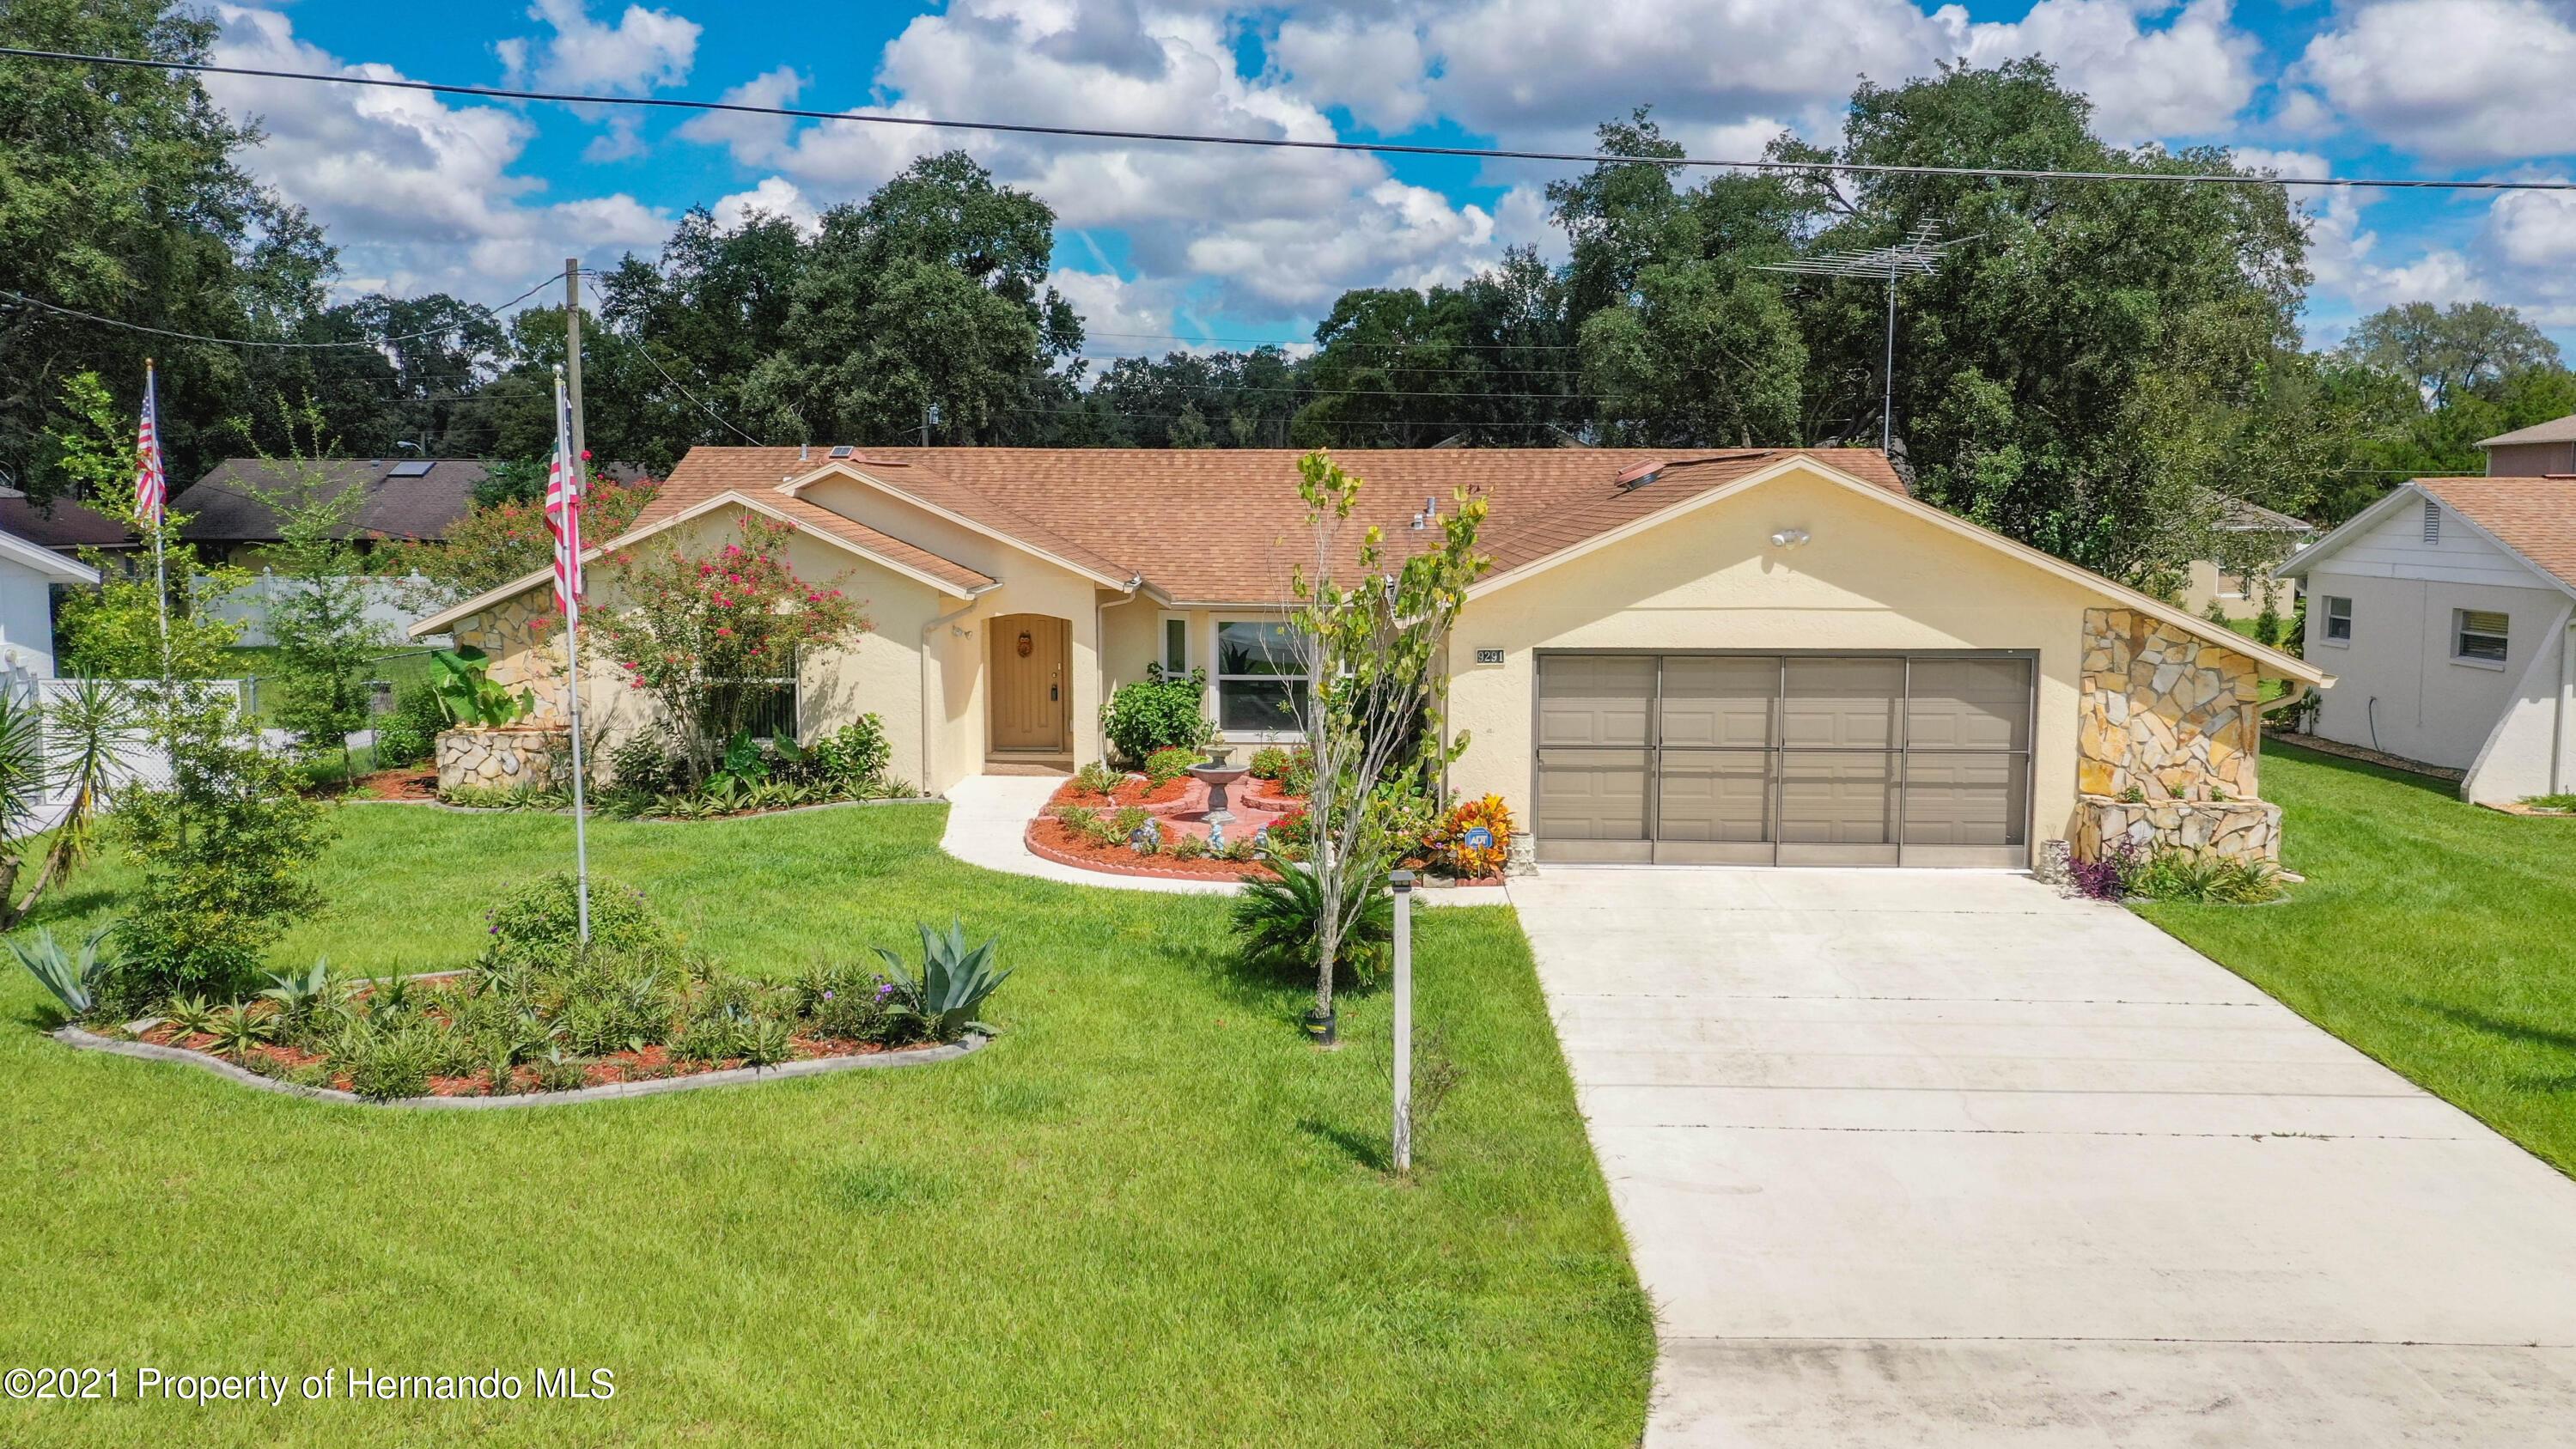 Details for 9291 Bladon Street, Spring Hill, FL 34608